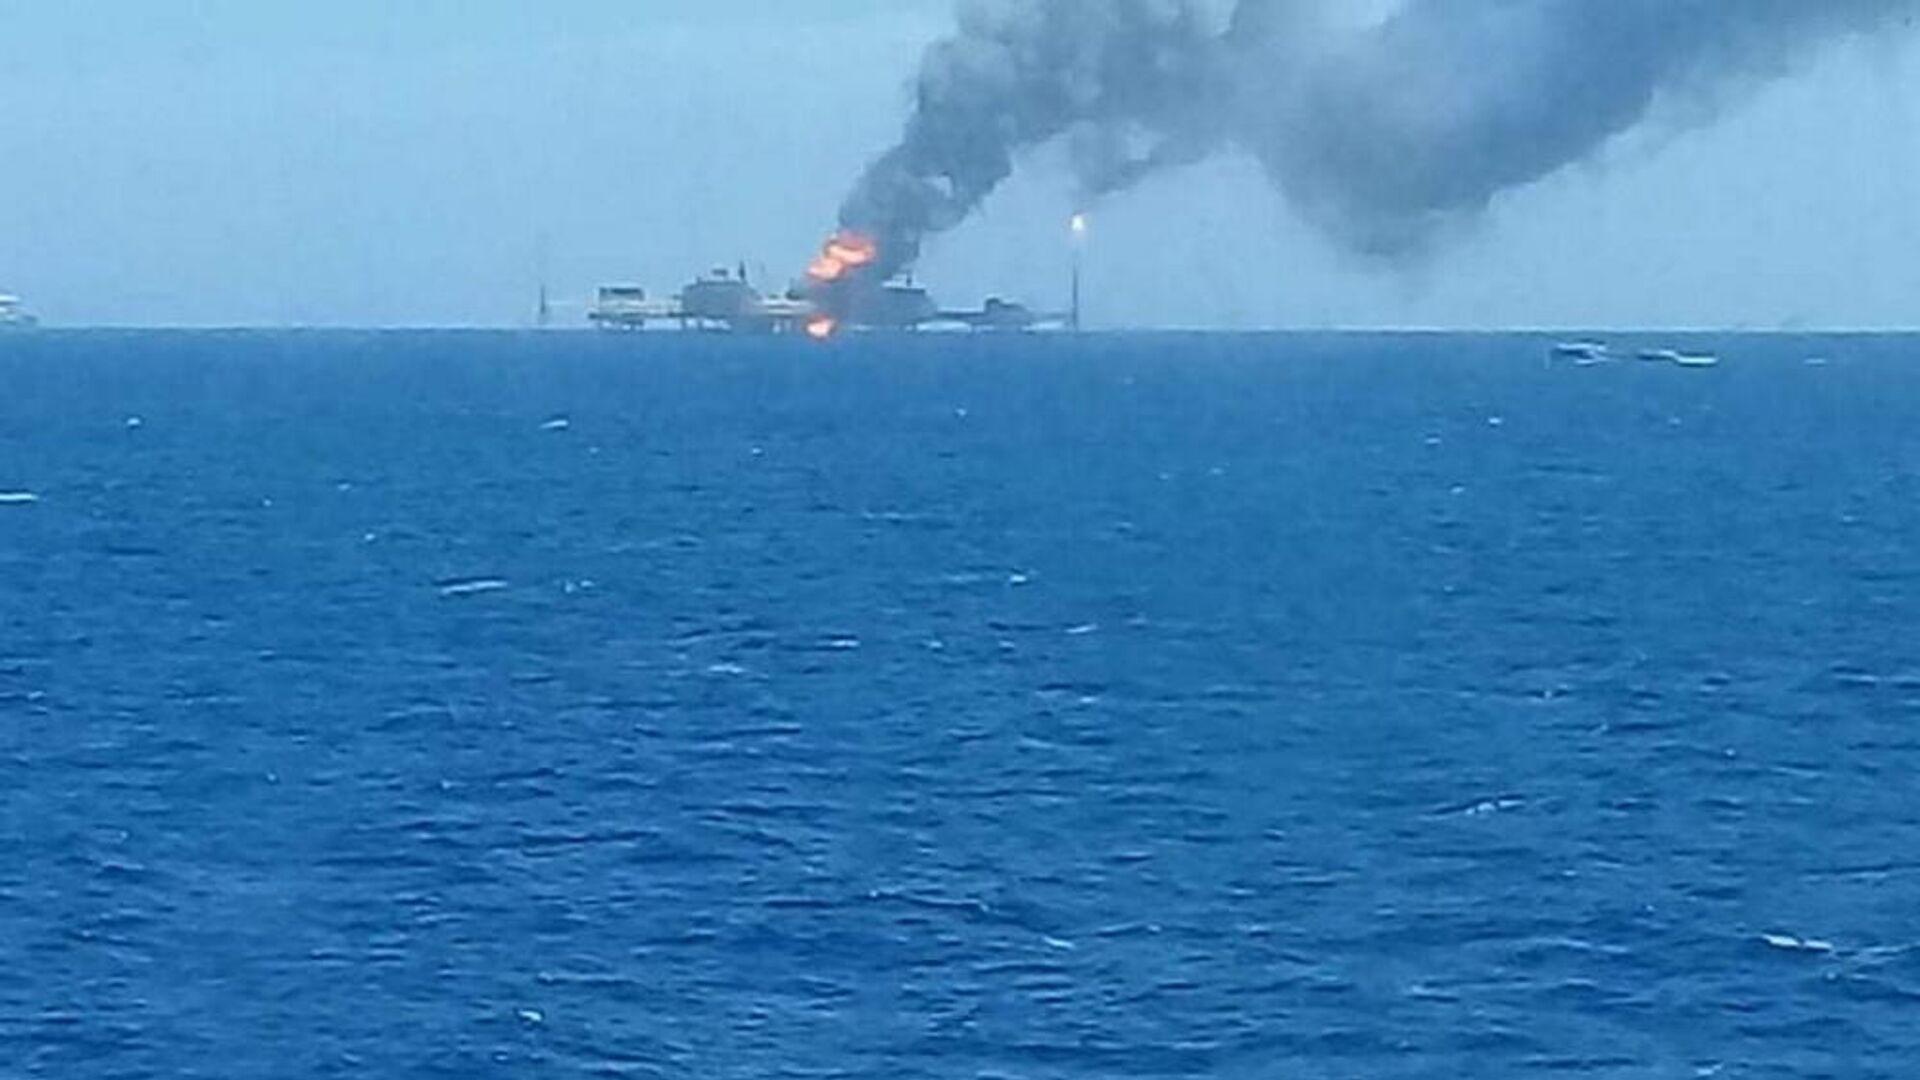 Έκρηξη σε θαλάσσια πλατφόρμα άντλησης πετρελαίου στο Μεξικό, 22 Αυγούστου 2021 - Sputnik Ελλάδα, 1920, 24.08.2021